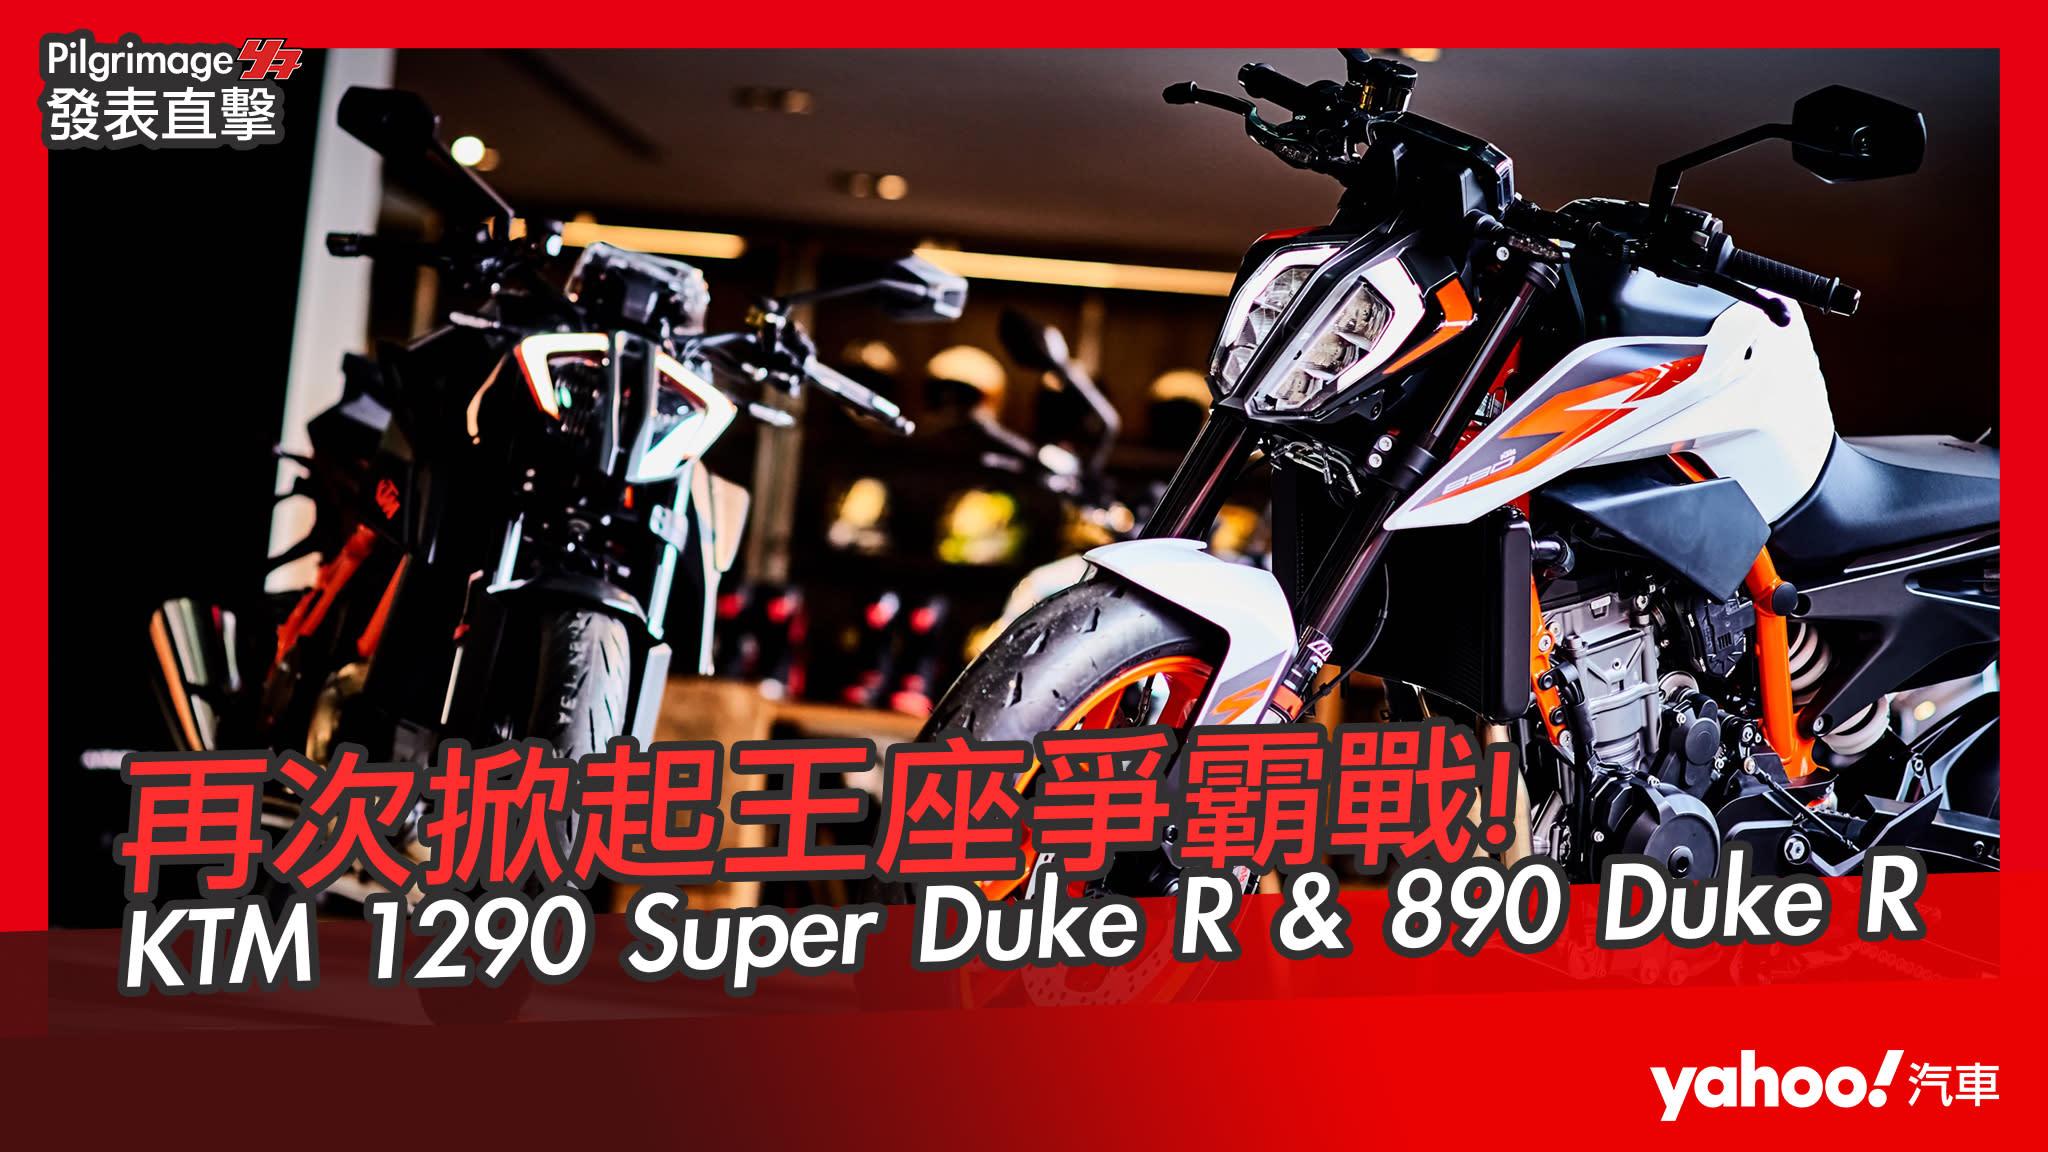 【發表直擊】2020 KTM 1290 Super Duke R & 890 Duke R 發表會直播